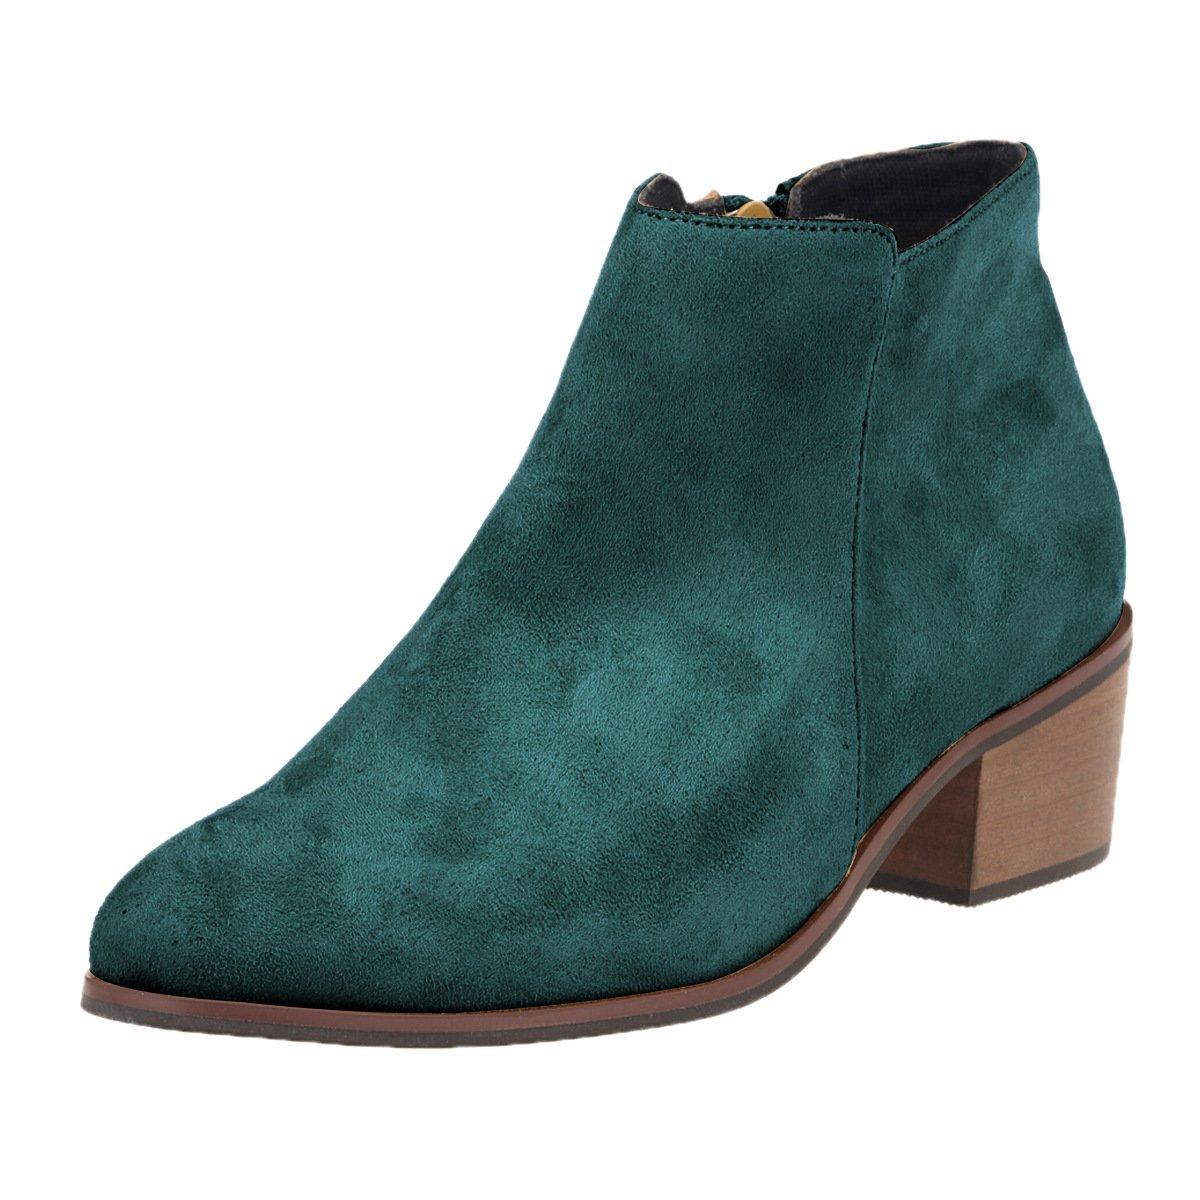 DYF Frauen Schuhe Kurze Stiefel Farbe Größe scharfe Rauhe Ferse Reißverschluss